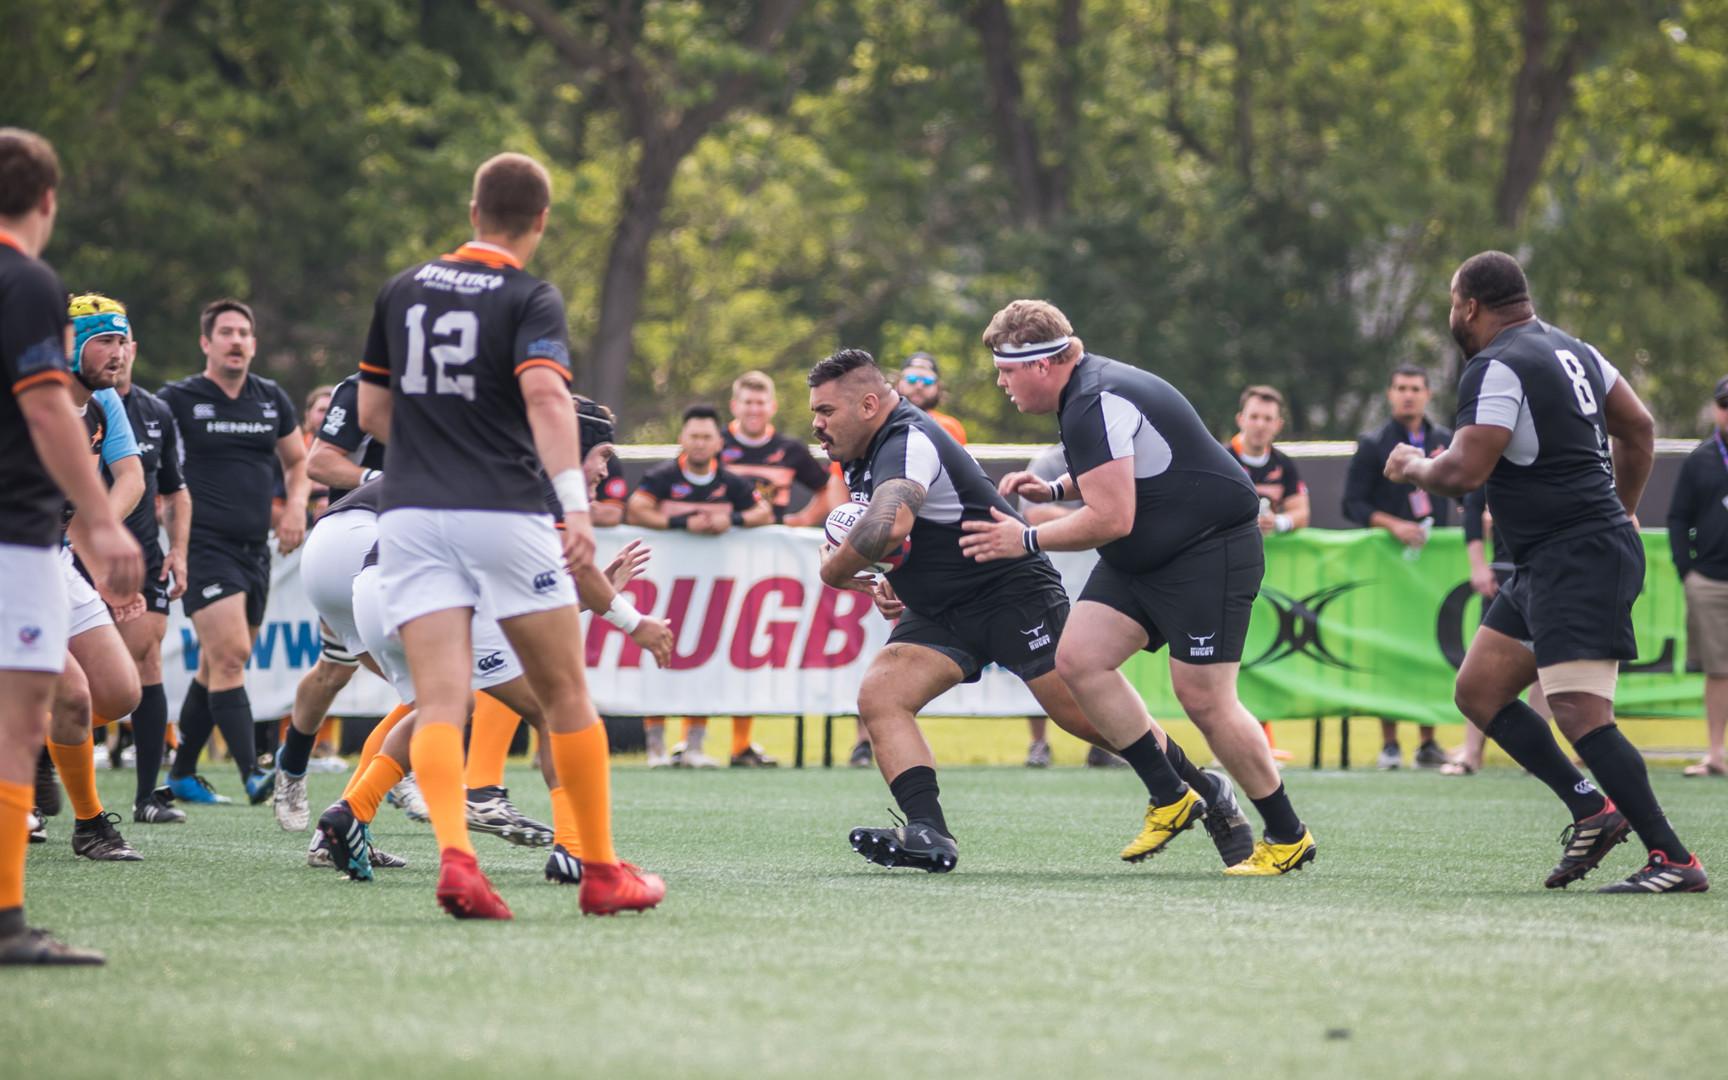 Rugby-177.JPG